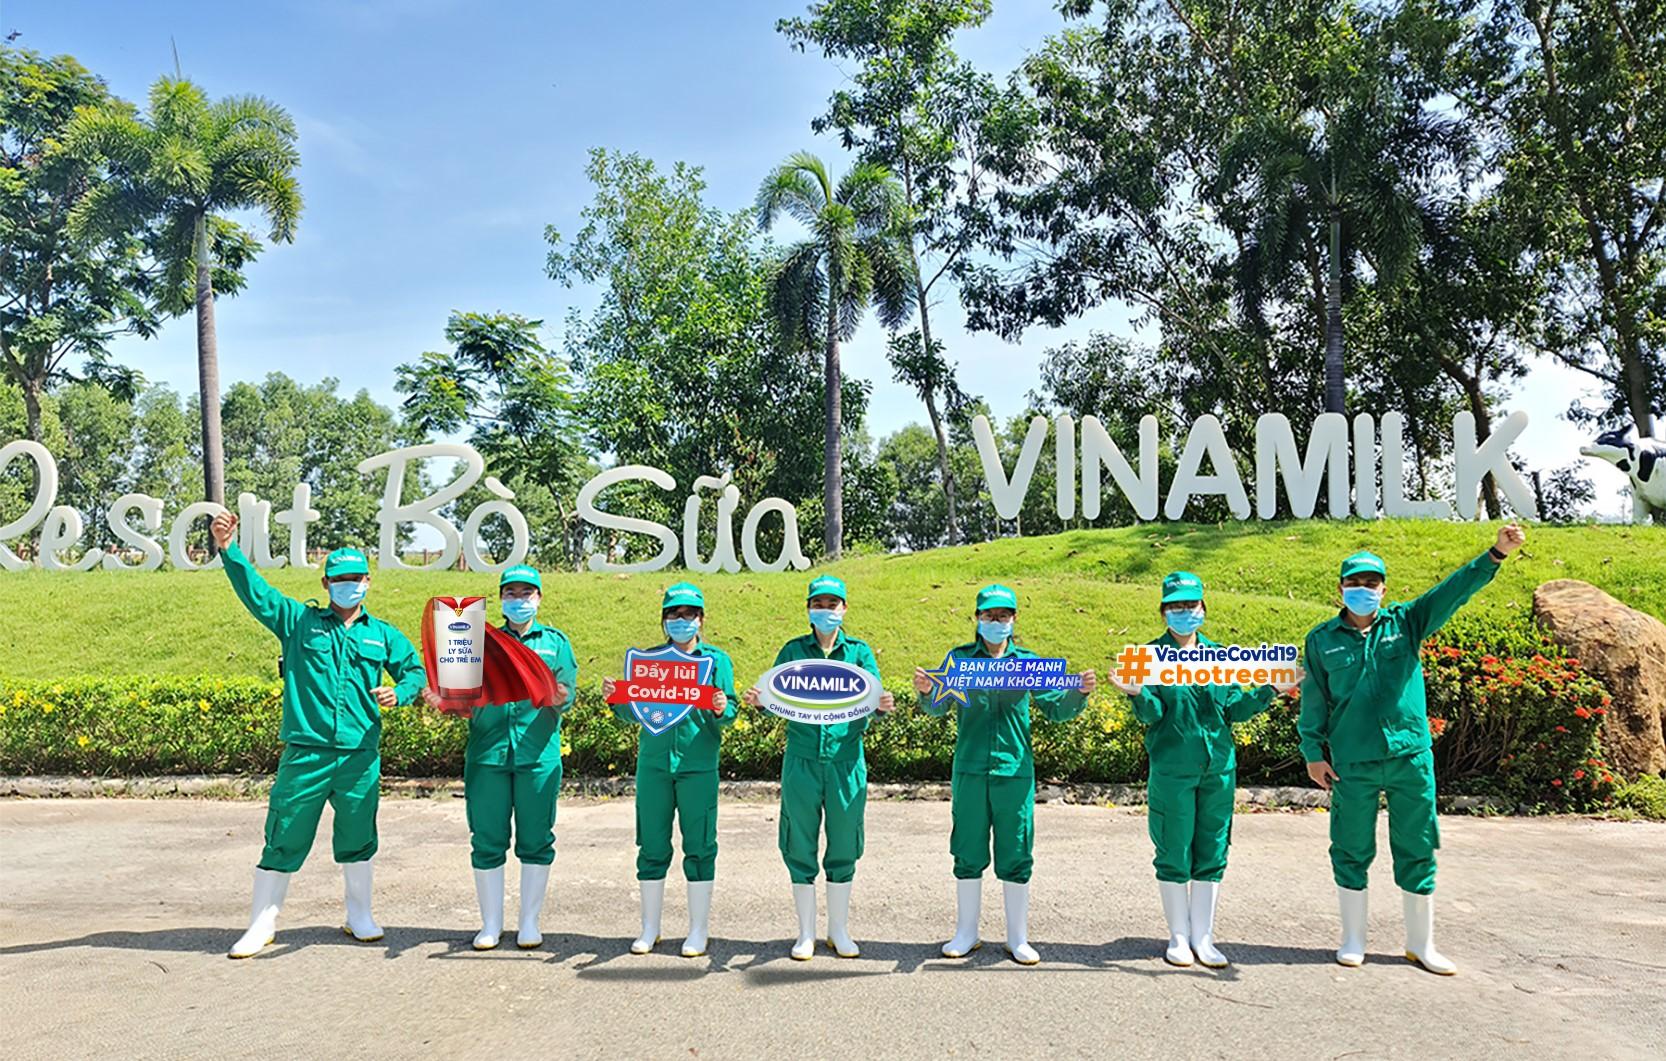 """""""Bạn khỏe mạnh, Việt Nam khỏe mạnh"""" - Chiến dịch của Vinamilk về sức khỏe cộng đồng và cùng ủng hộ Vaccine cho trẻ em 3"""